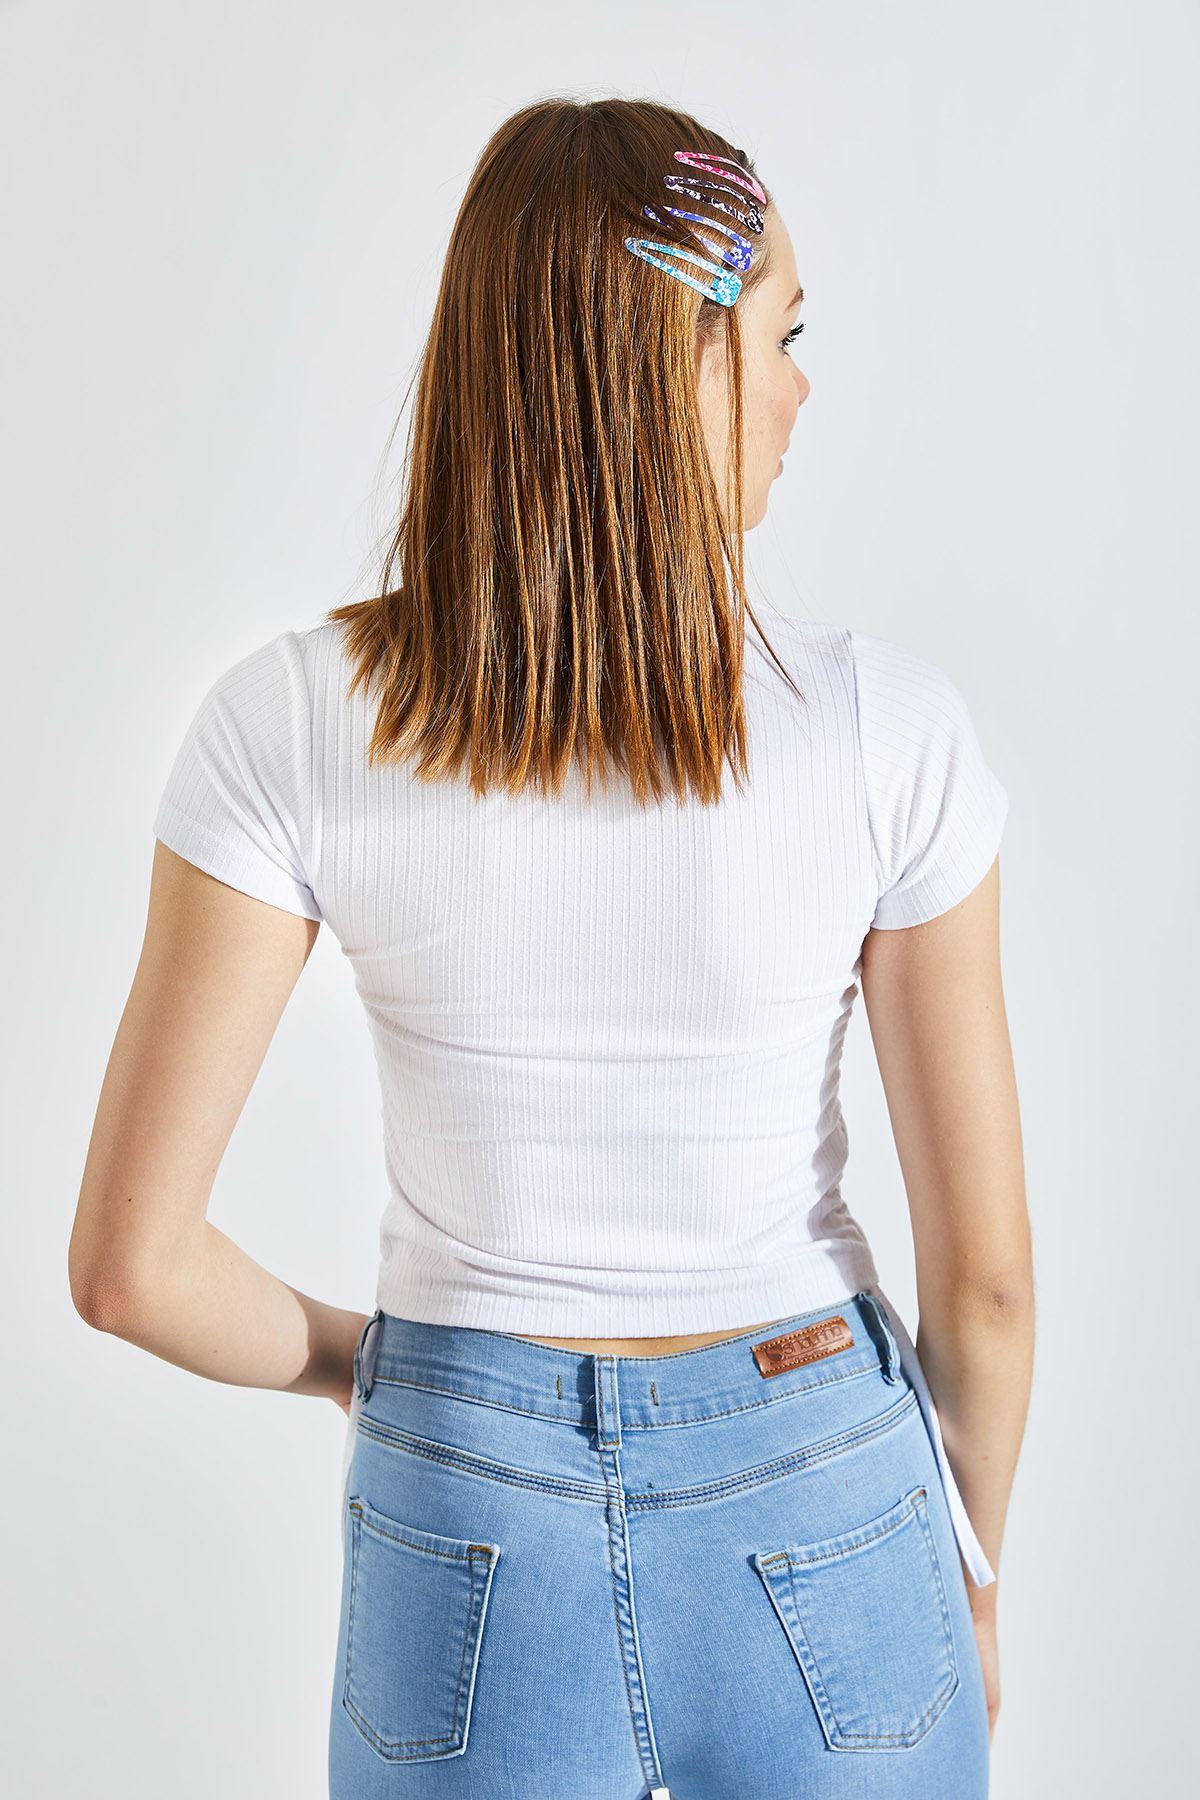 Kadın Yan Büzgü Kaşkorse Crop Beyaz Tişört